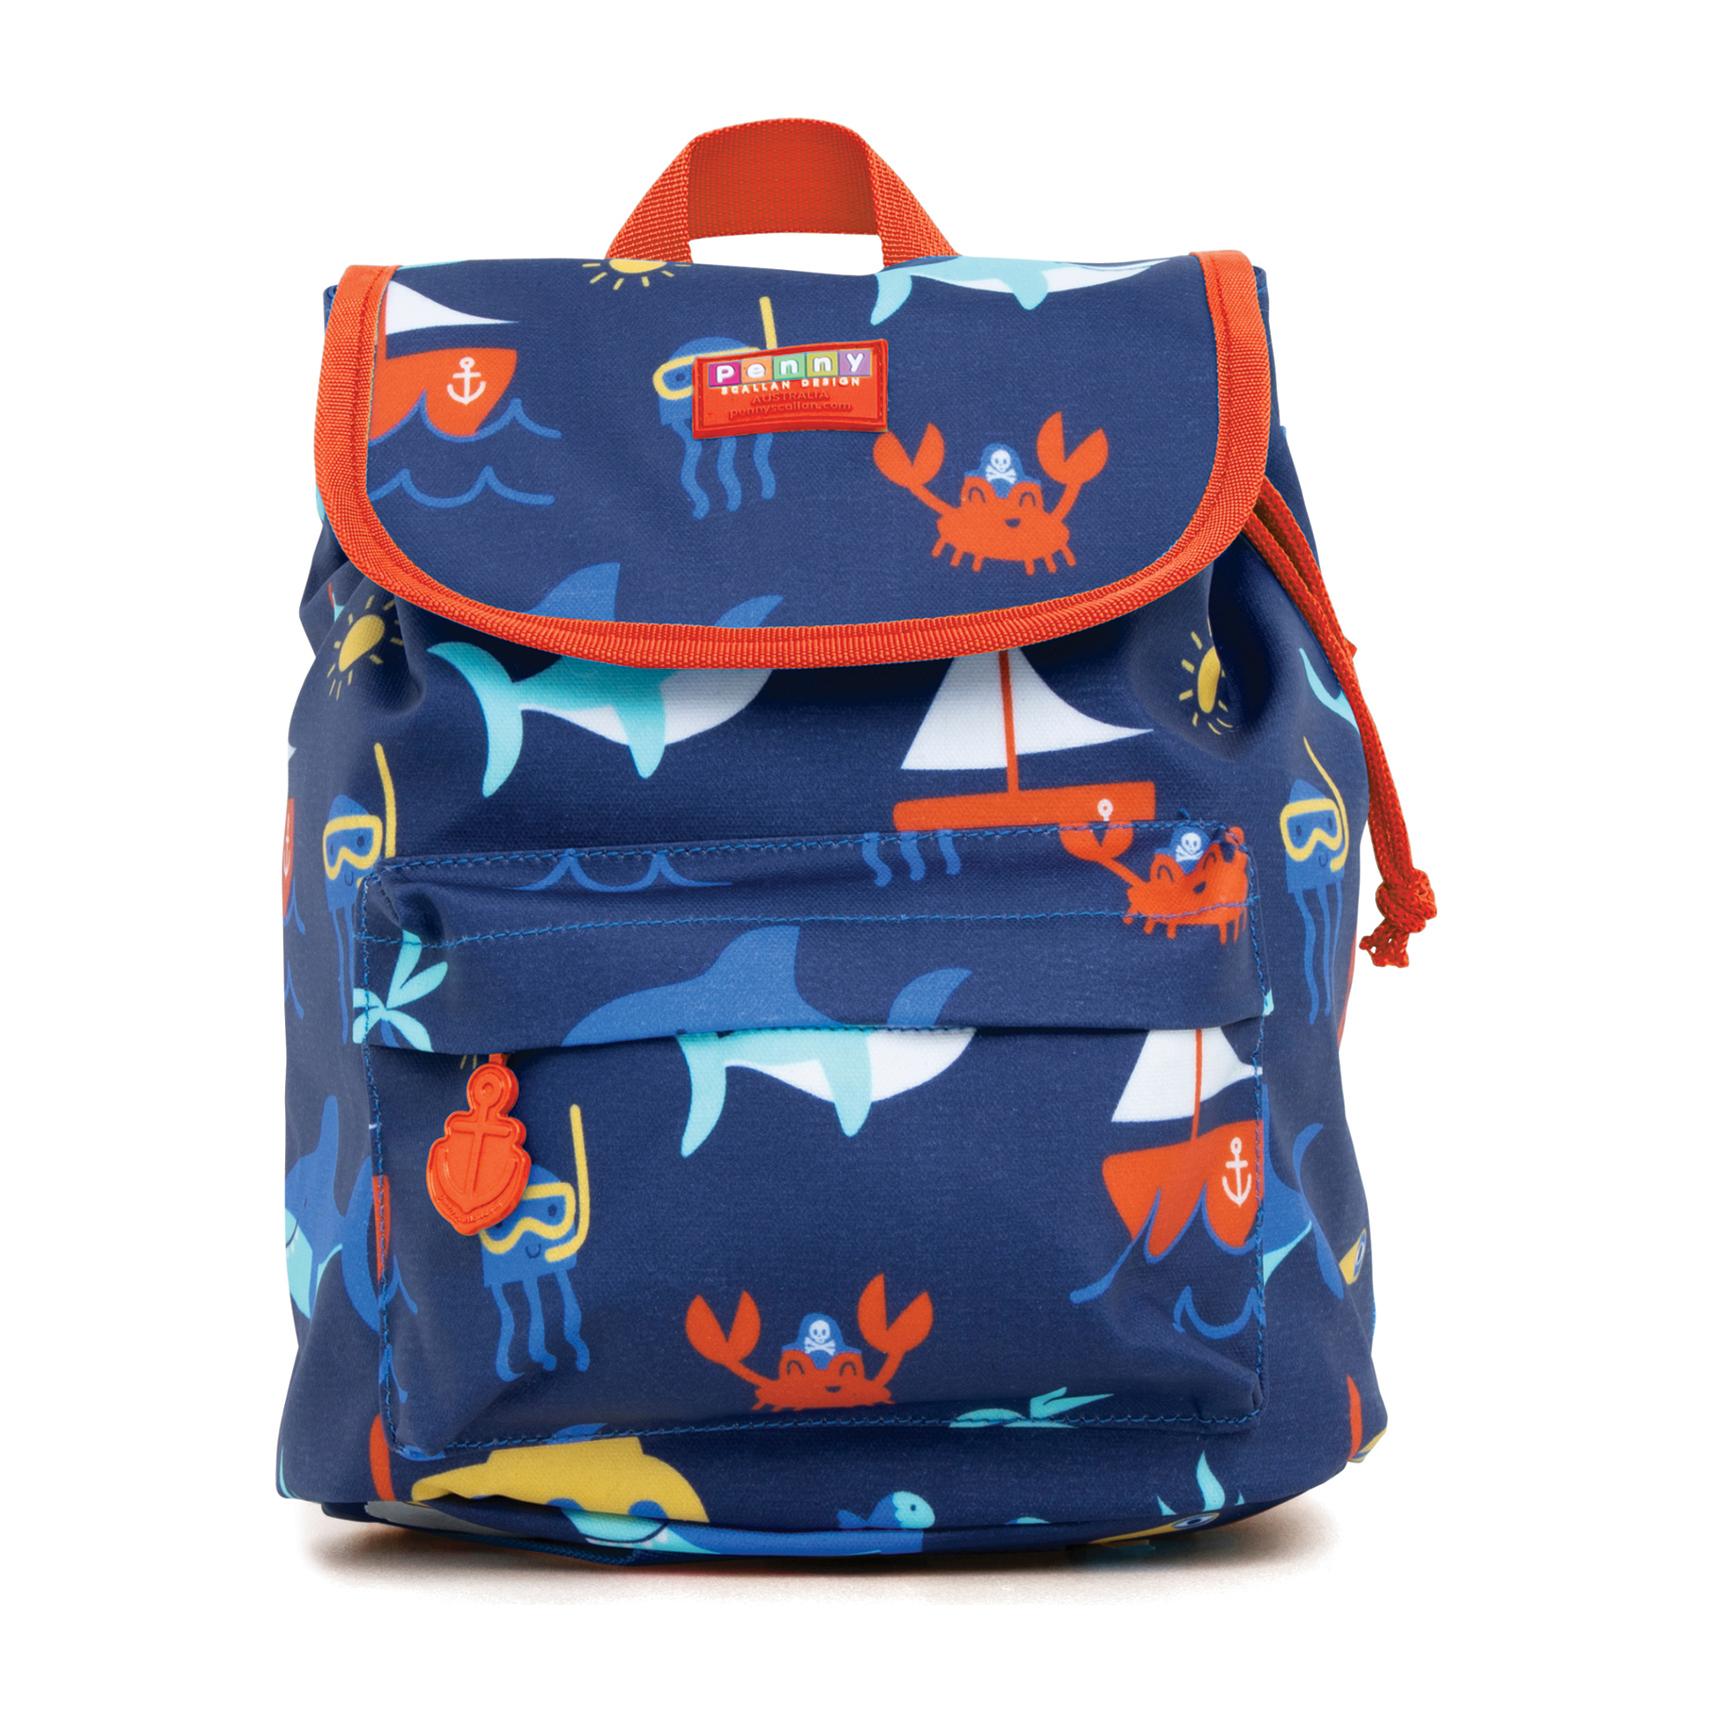 Top Loader Backpacks (26cm)